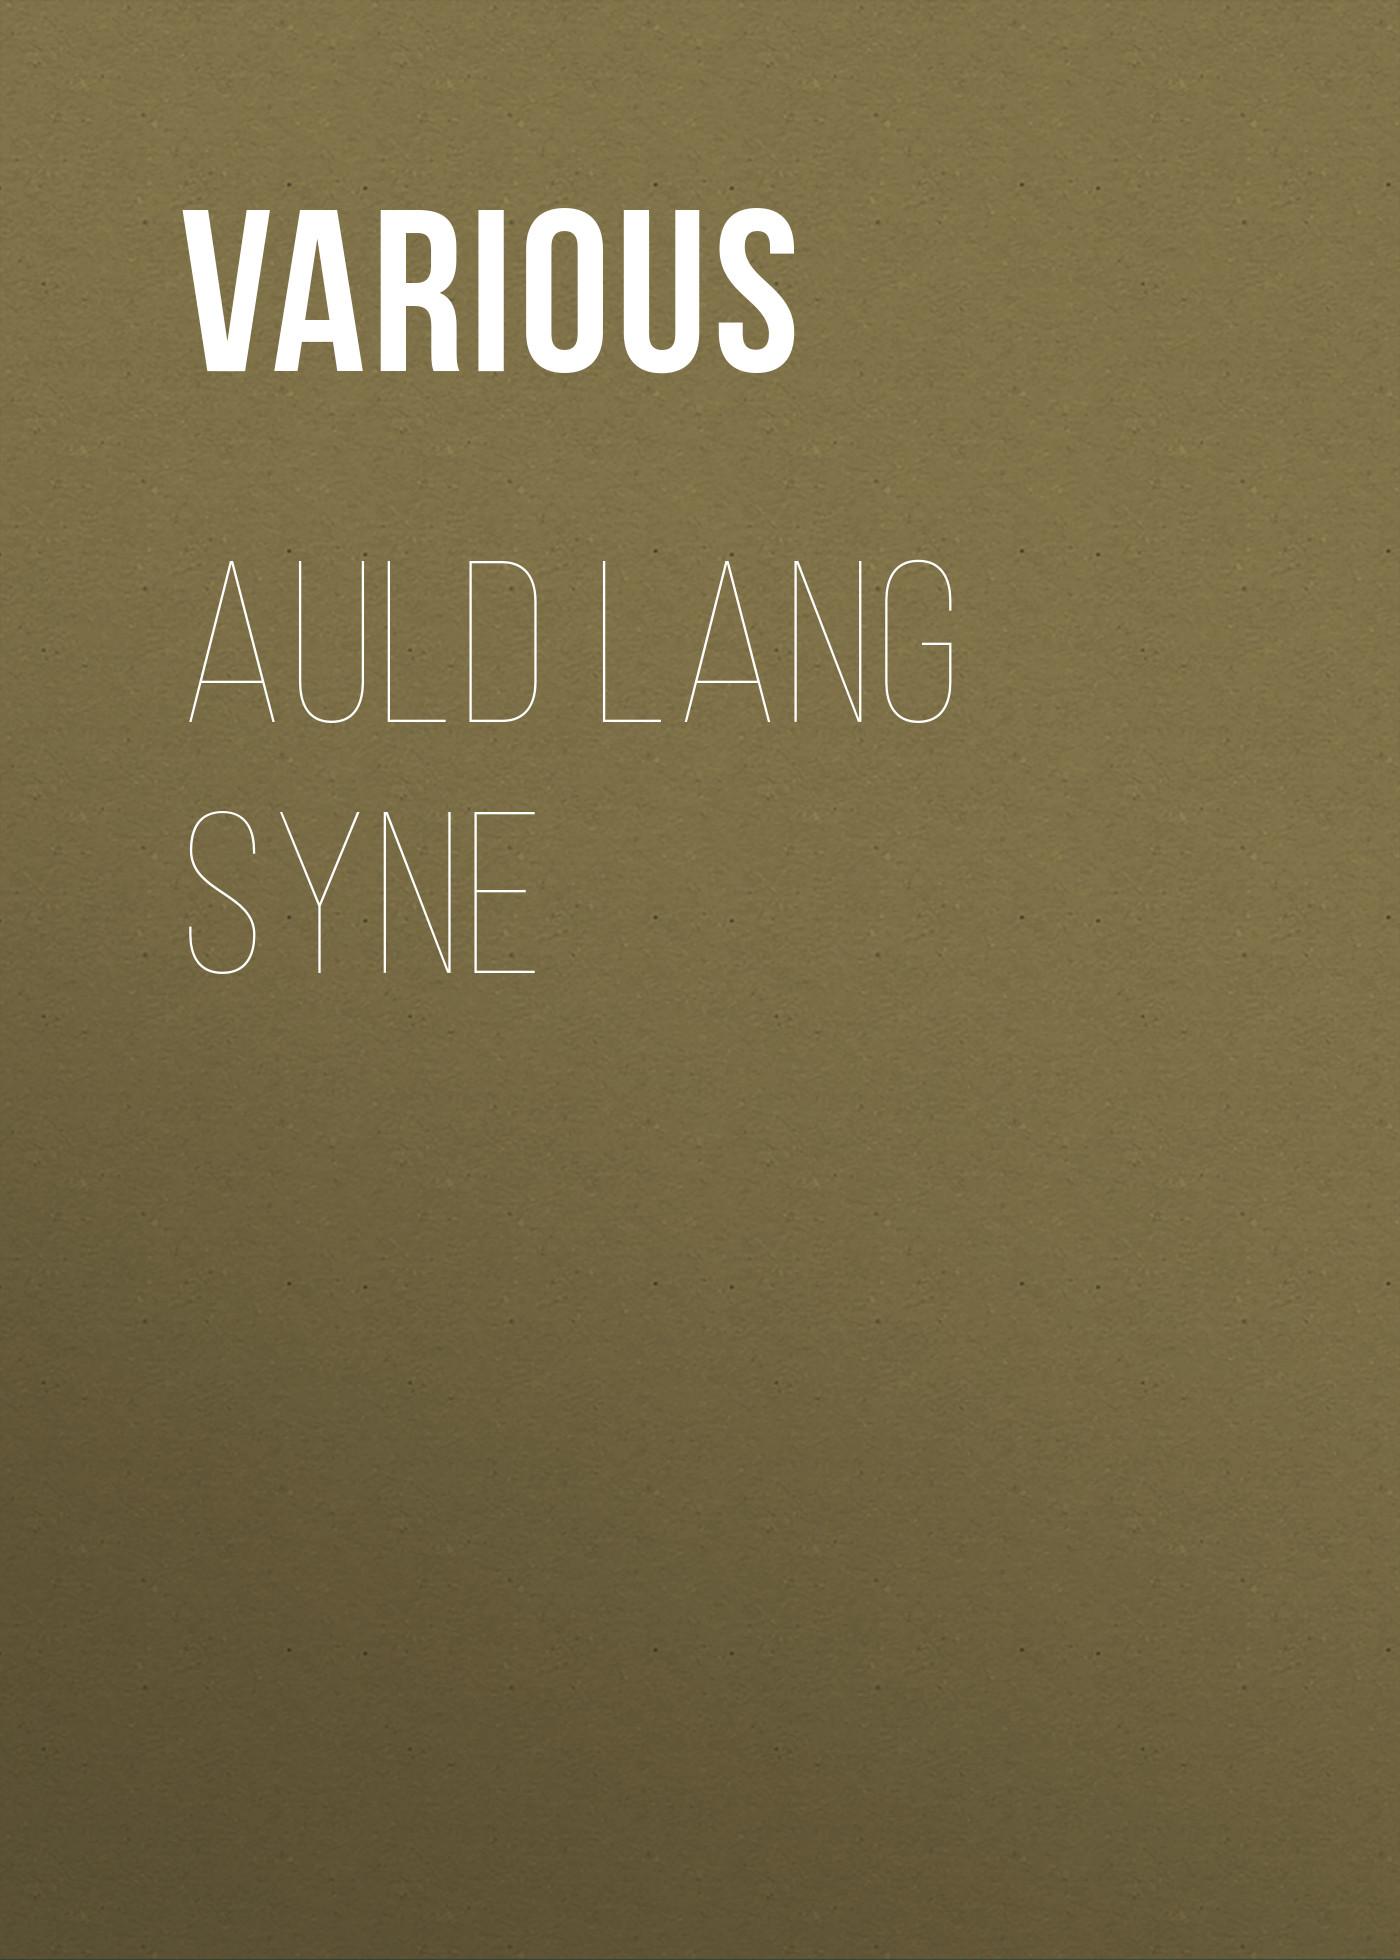 Various Auld Lang Syne james matthew barrie auld licht idylls